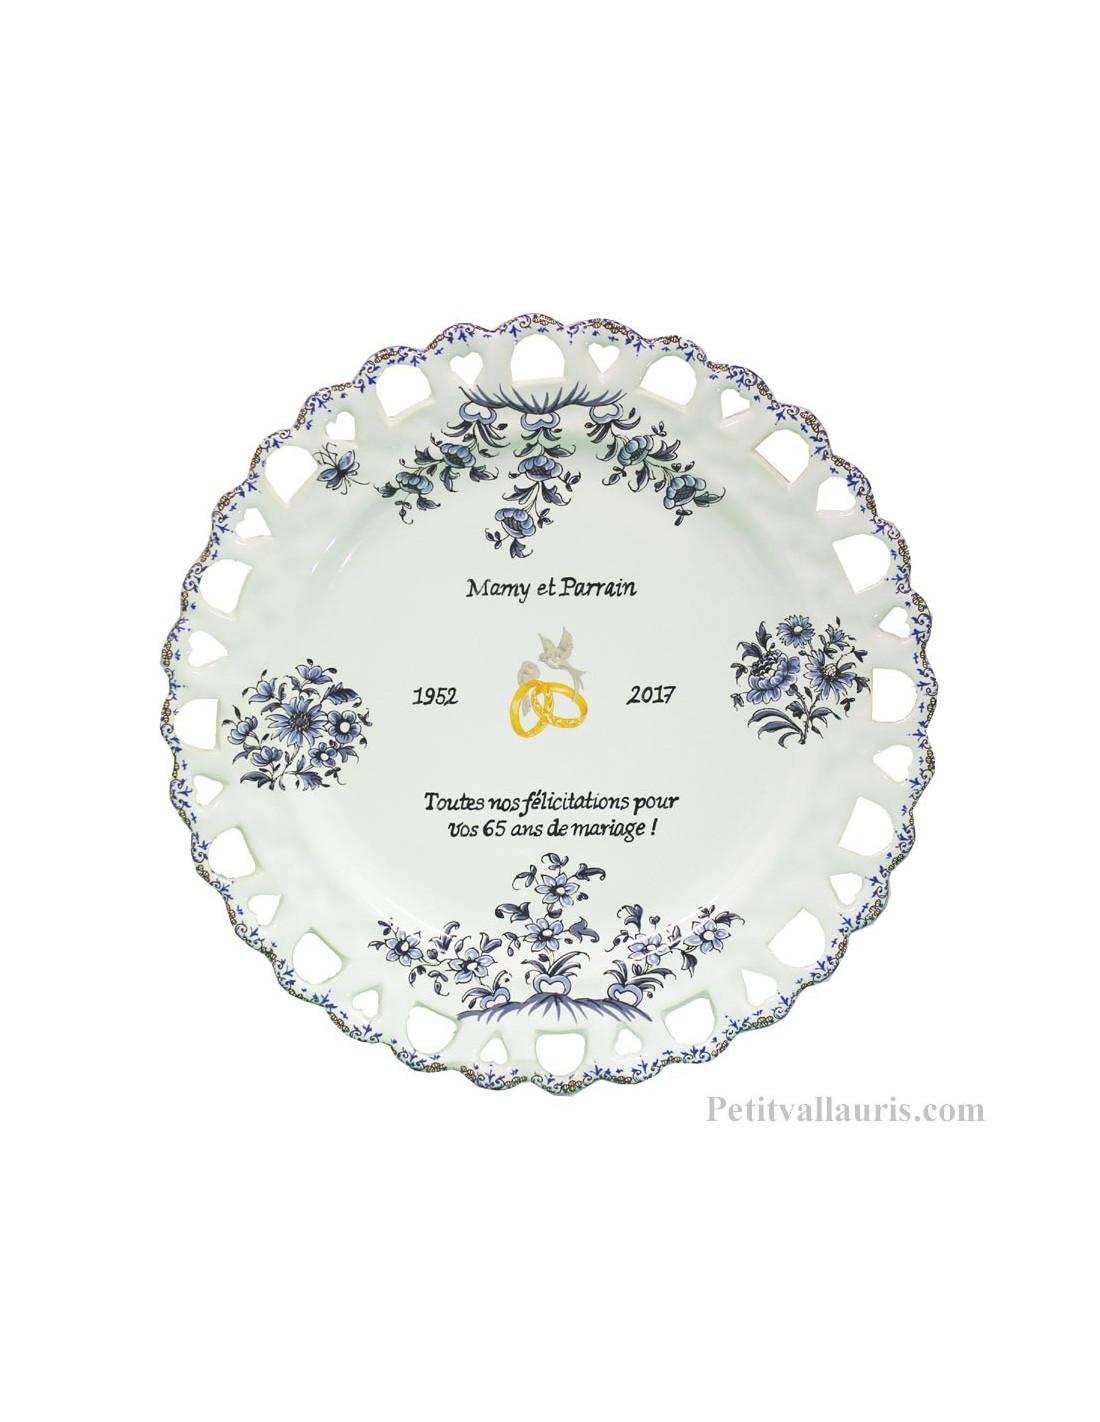 assiette d corative en faience pour souvenir et anniversaire de mariage pour noces de. Black Bedroom Furniture Sets. Home Design Ideas